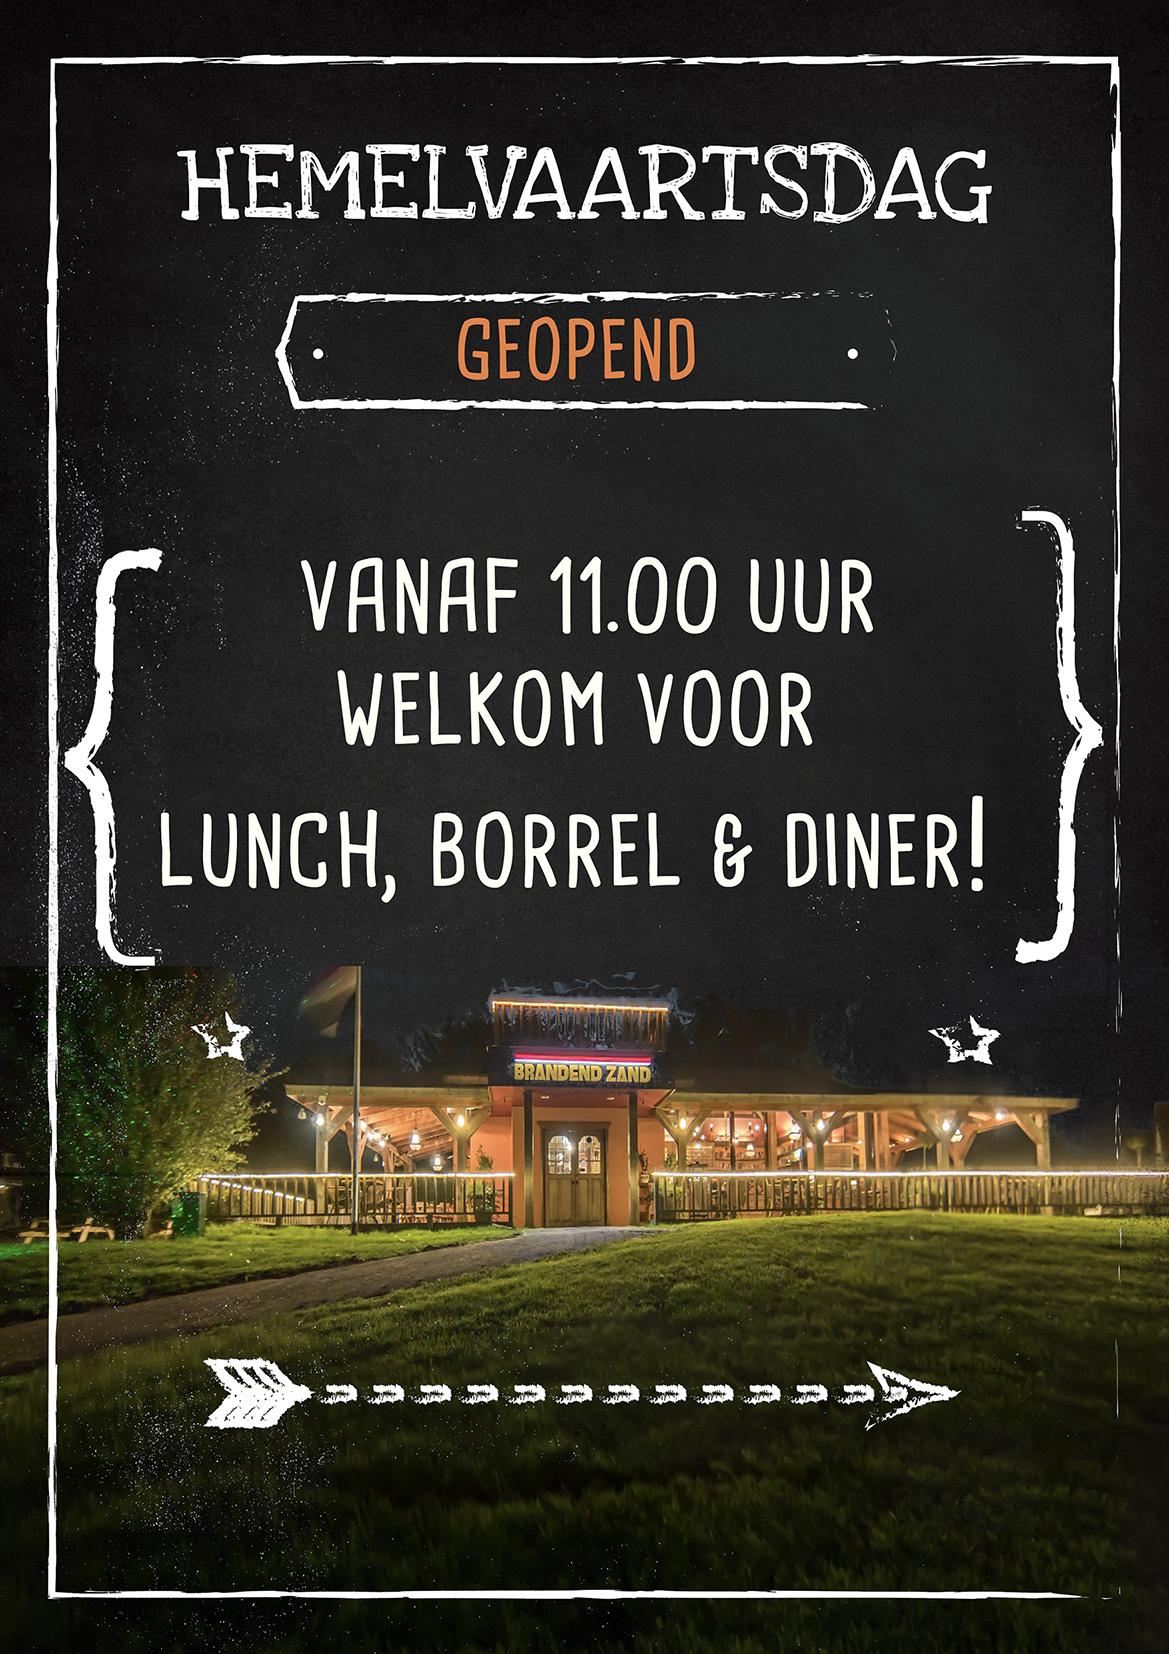 hemelsvaartsdag geopend menu lunch borrel diner Zaltbommel den Bosch